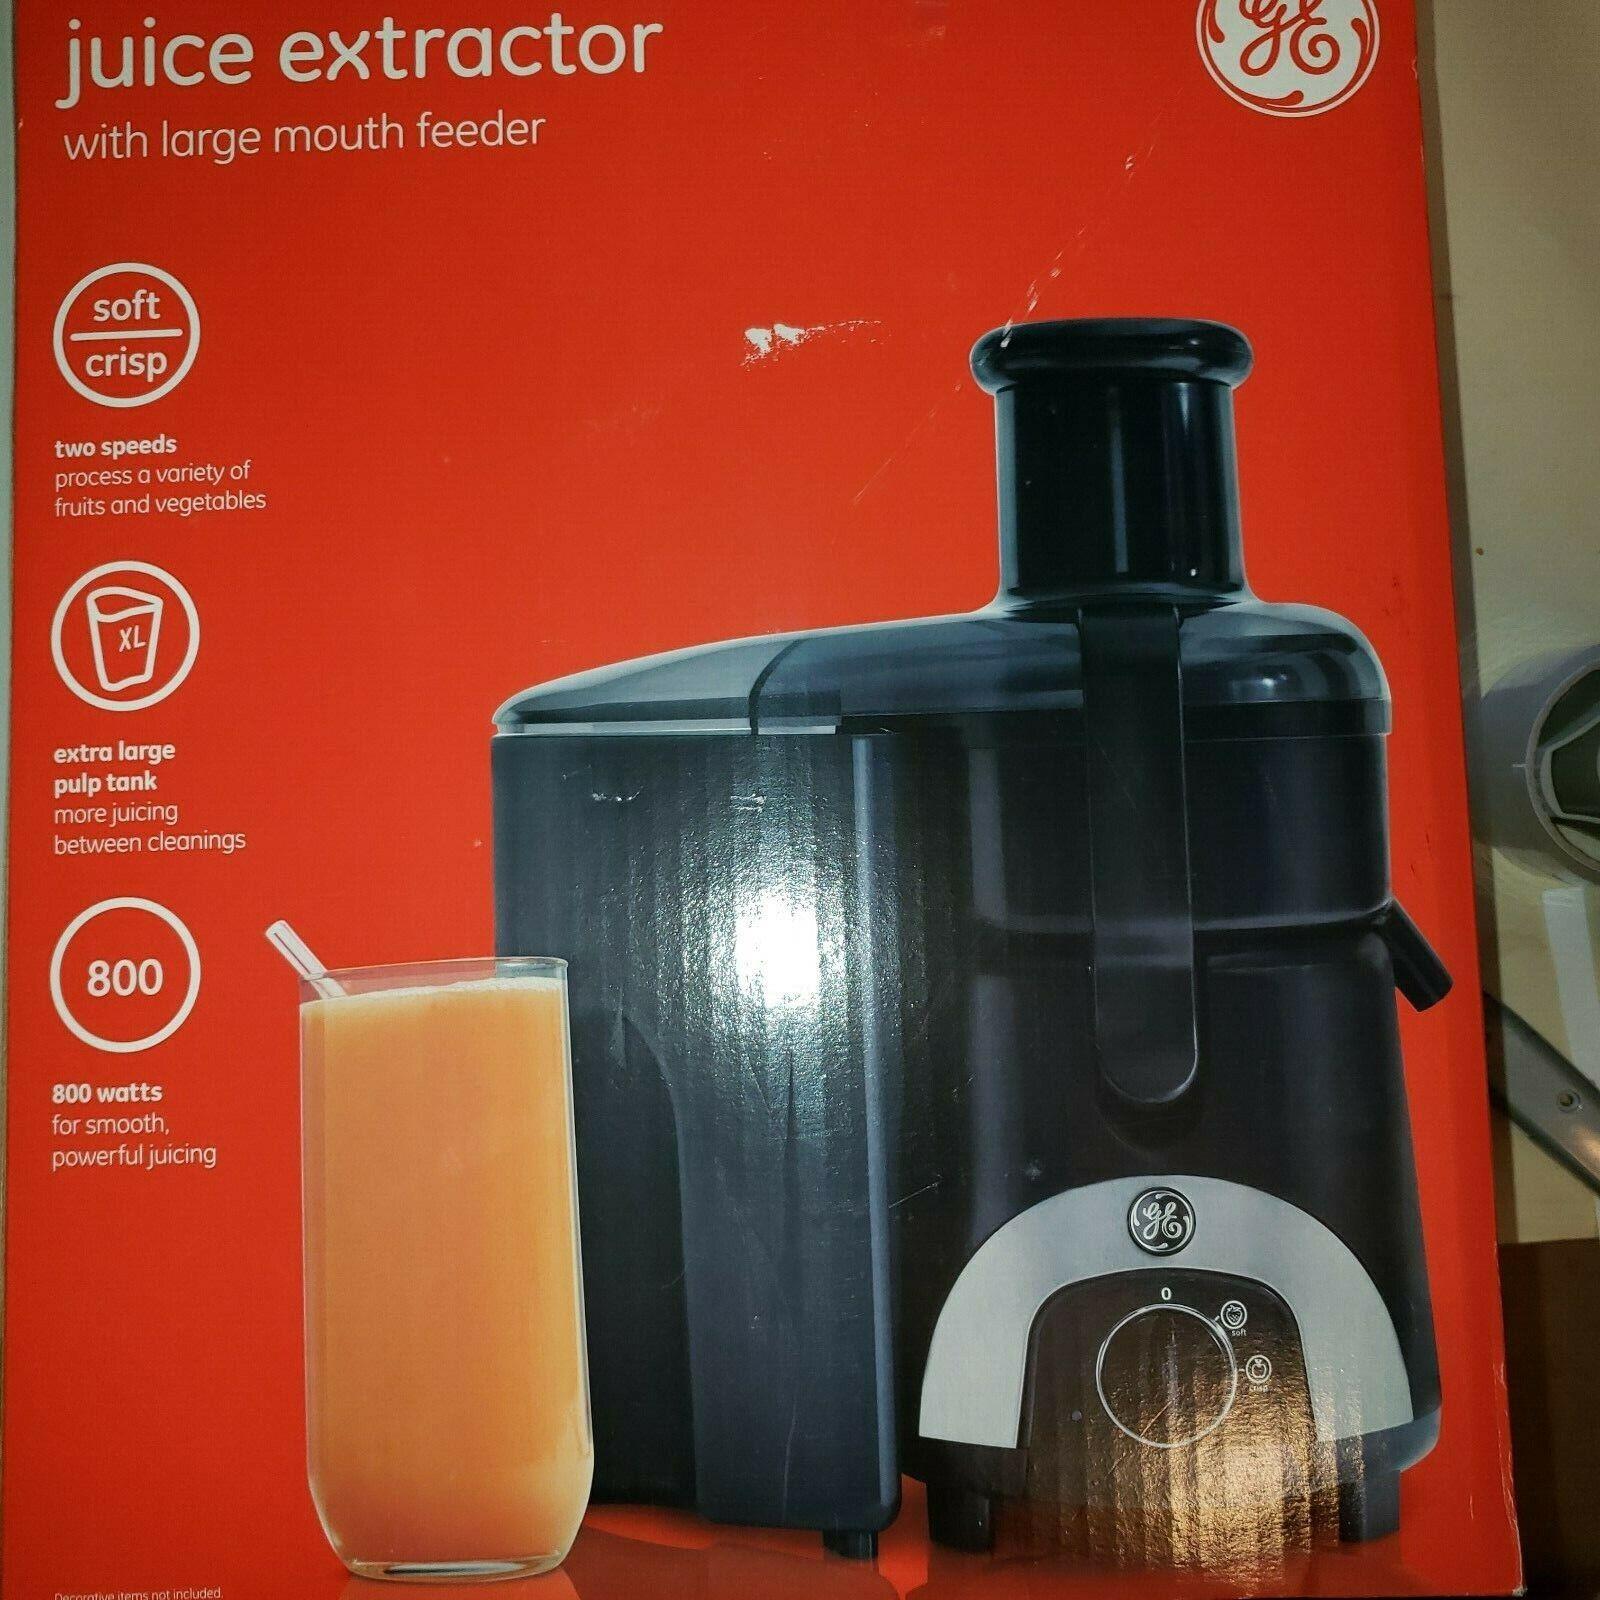 GE Juice Extractor 169201 Reviews –